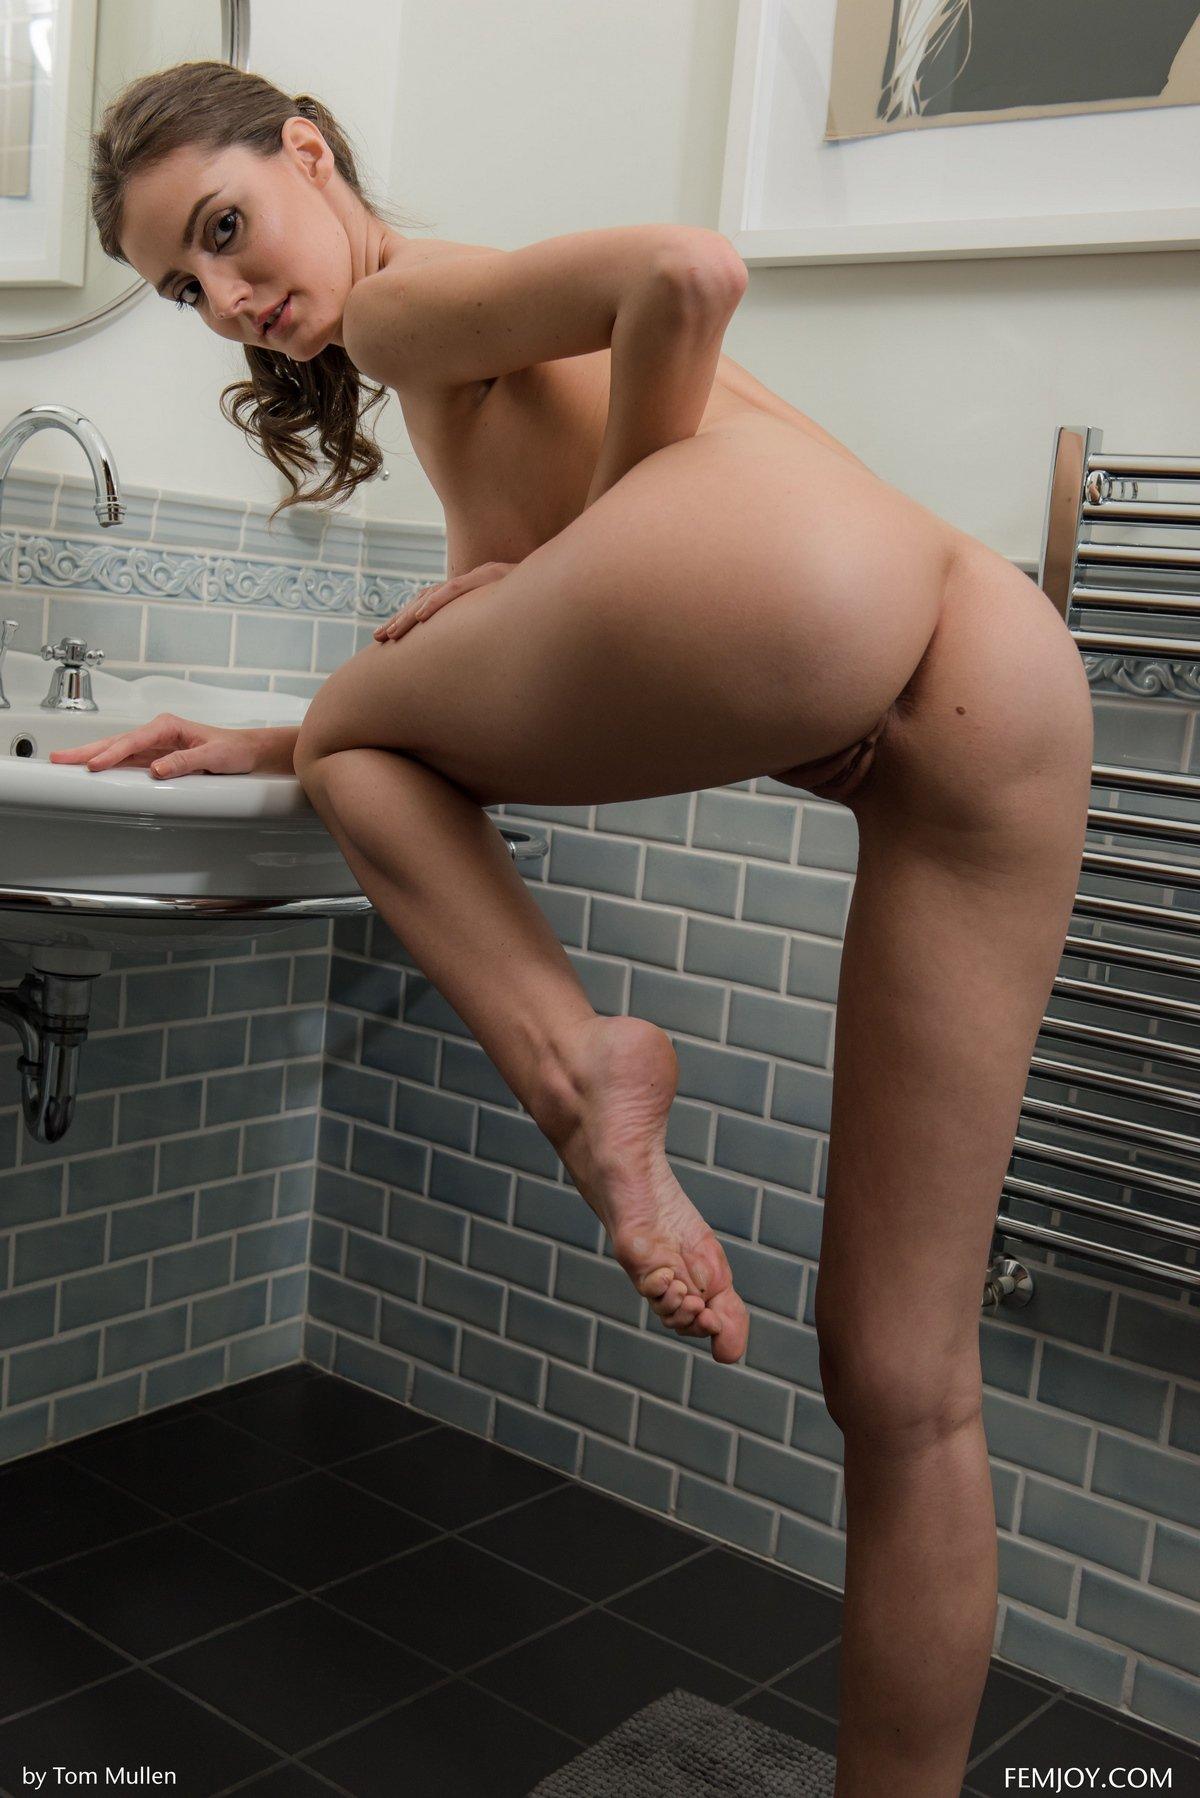 Шатенка вытирает голое тело полотенцем